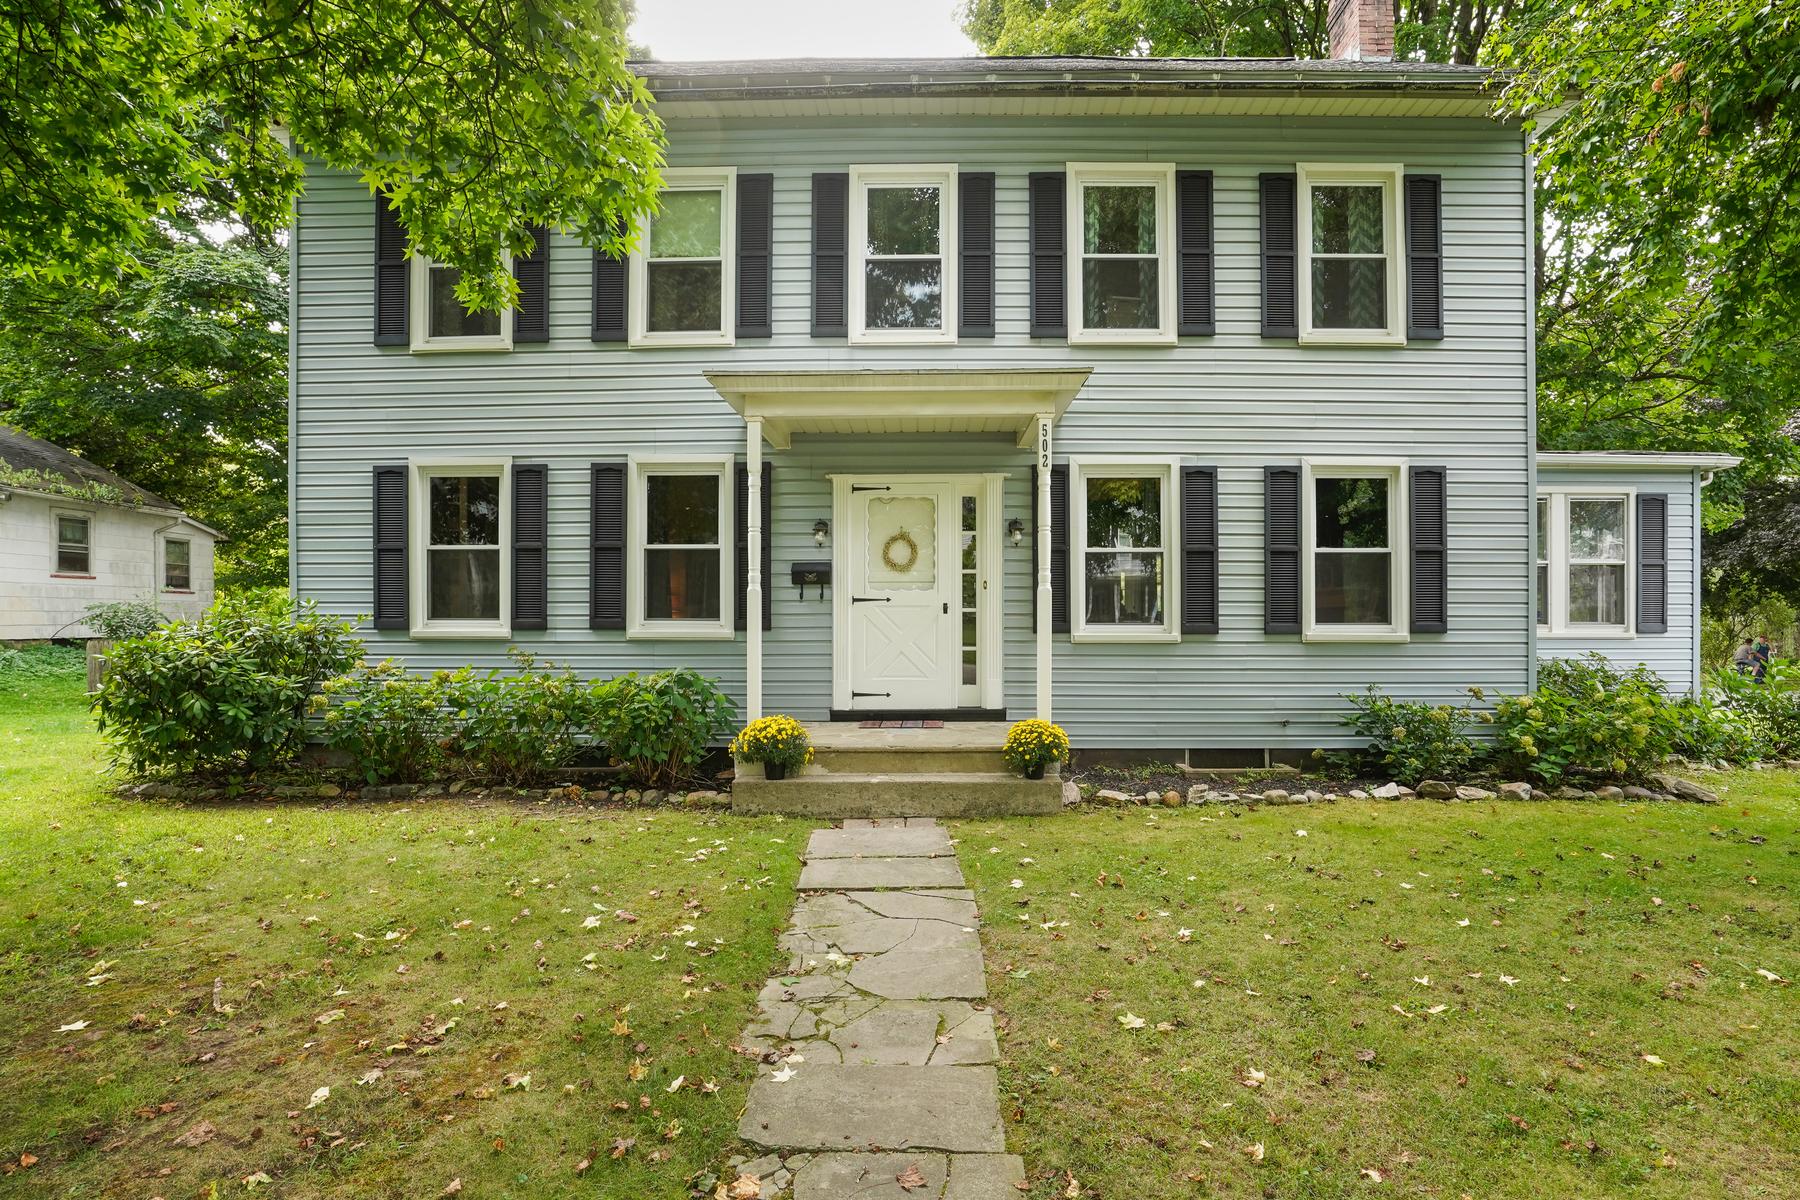 Single Family Homes für Verkauf beim Character and Charm Abound 502 Mansfield Street, Belvidere, New Jersey 07823 Vereinigte Staaten